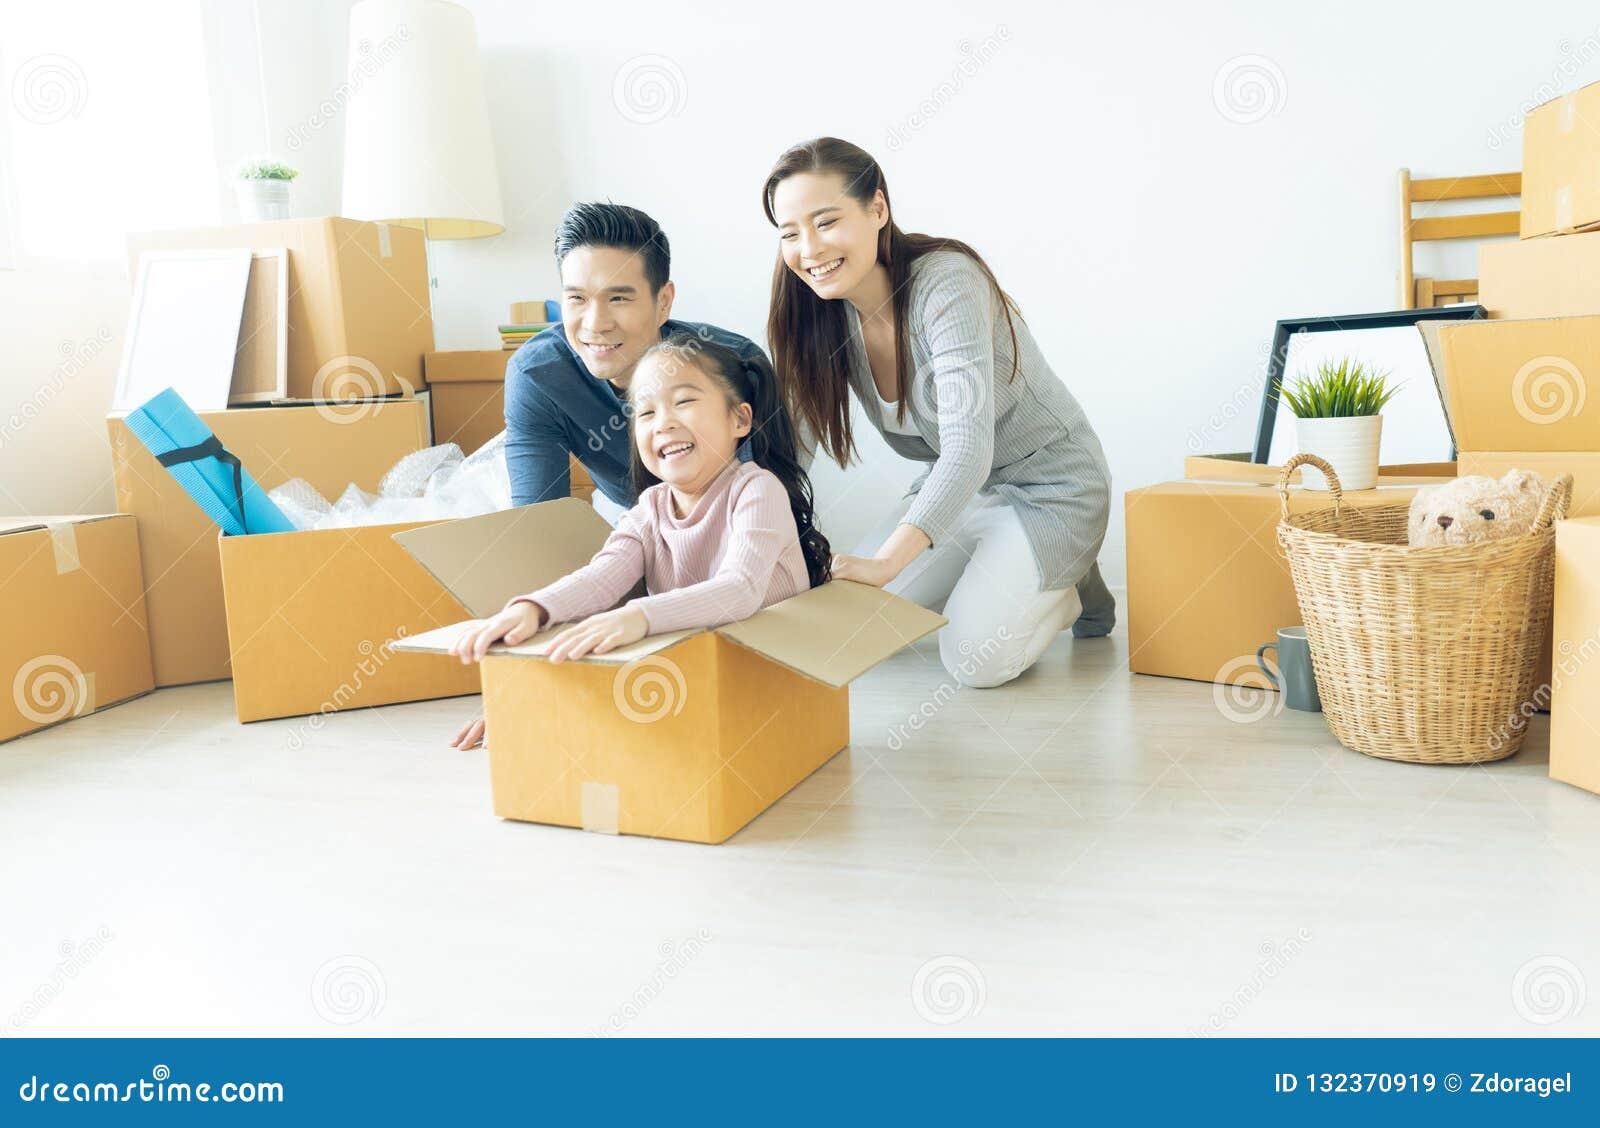 Familia asiática joven feliz de tres que se divierten que se mueve con cardboa